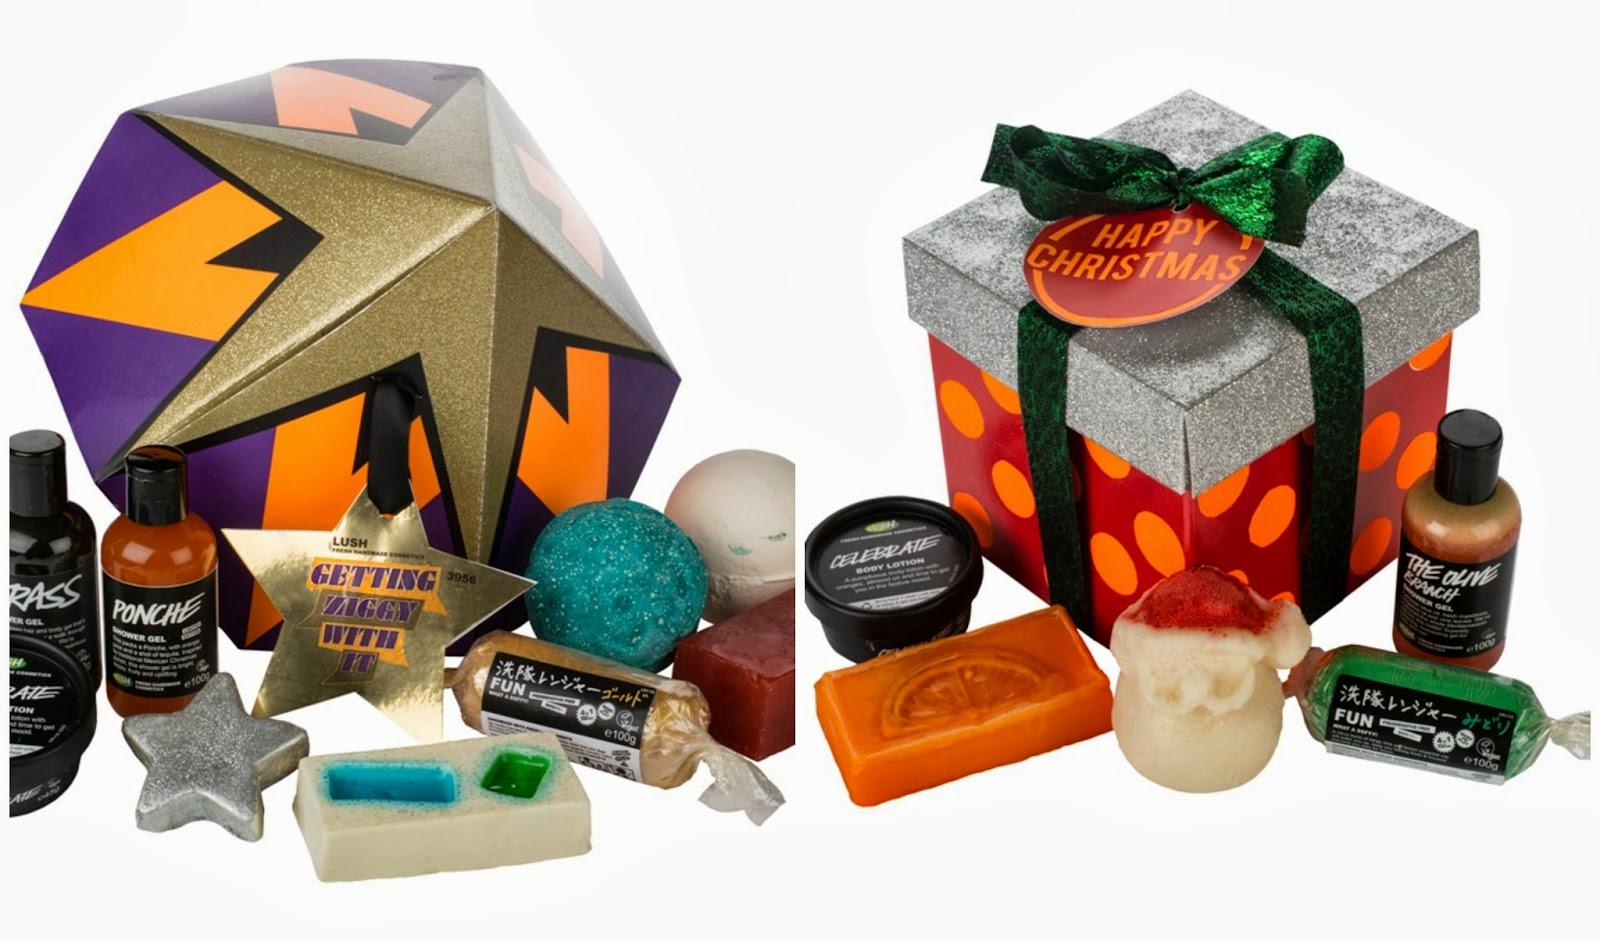 Lush Christmas Gift Sets 2013   The Sunday Girl